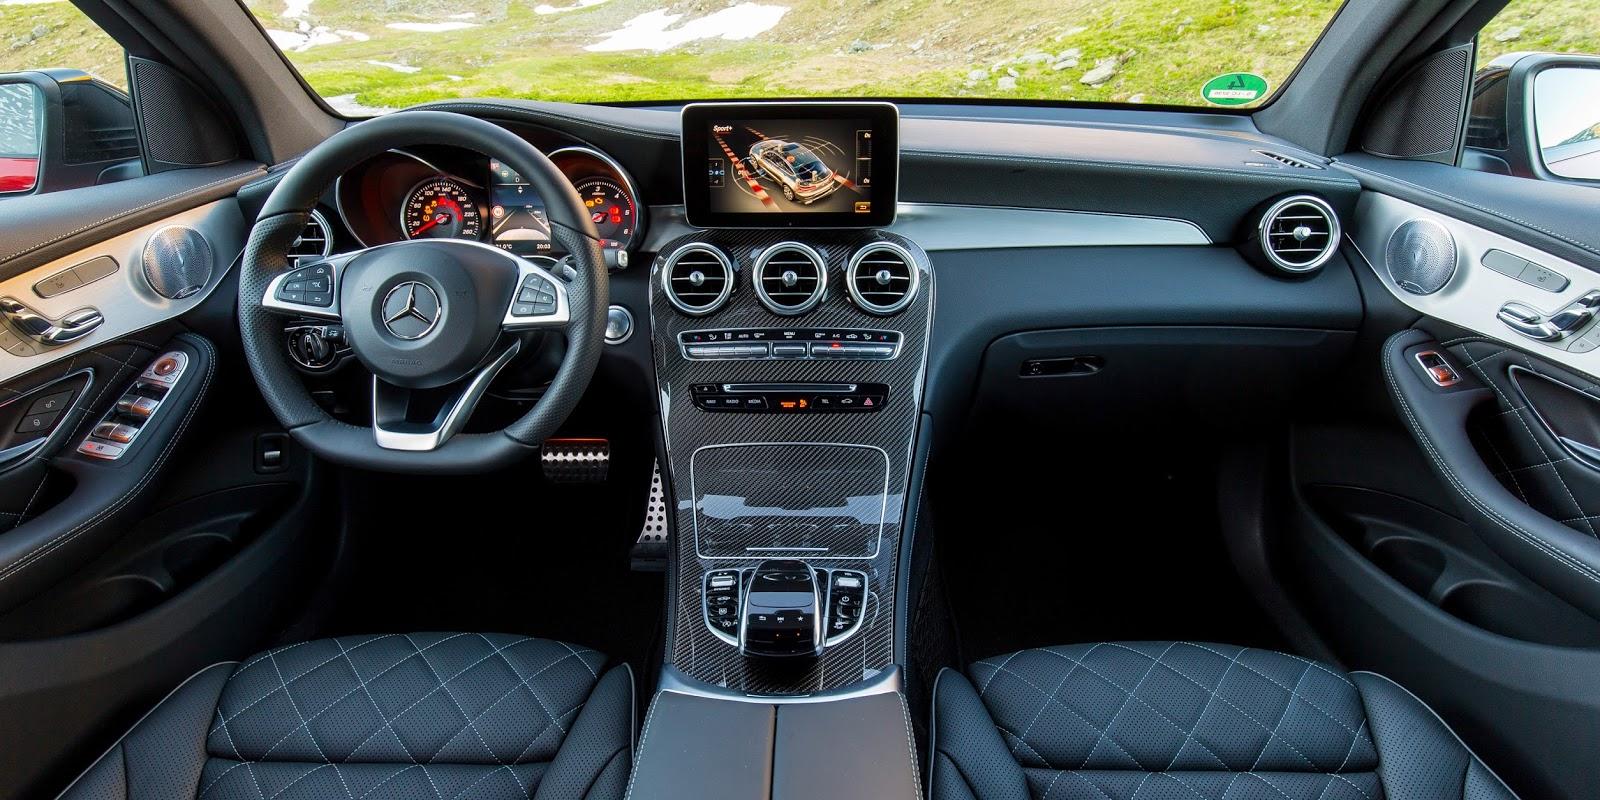 Nội thất của GLC Coupe thực sự kiến người khác phải xao xuyến